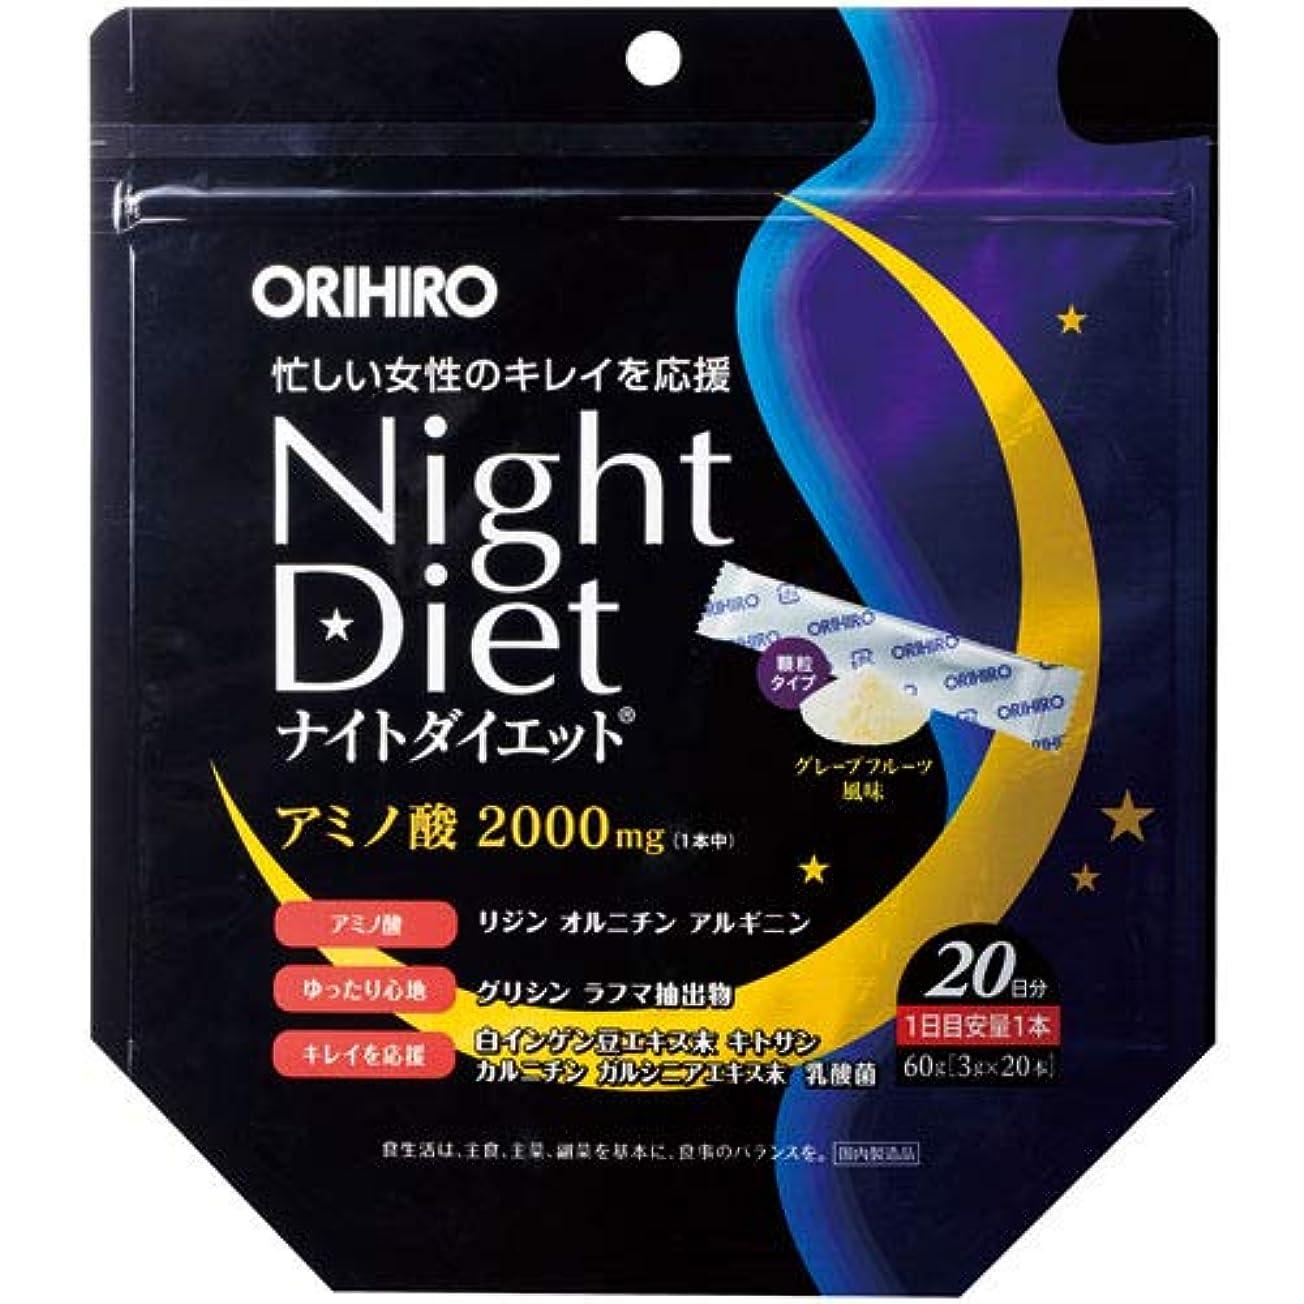 ピボット節約性差別オリヒロ ナイトダイエット 顆粒 20本×2個セット